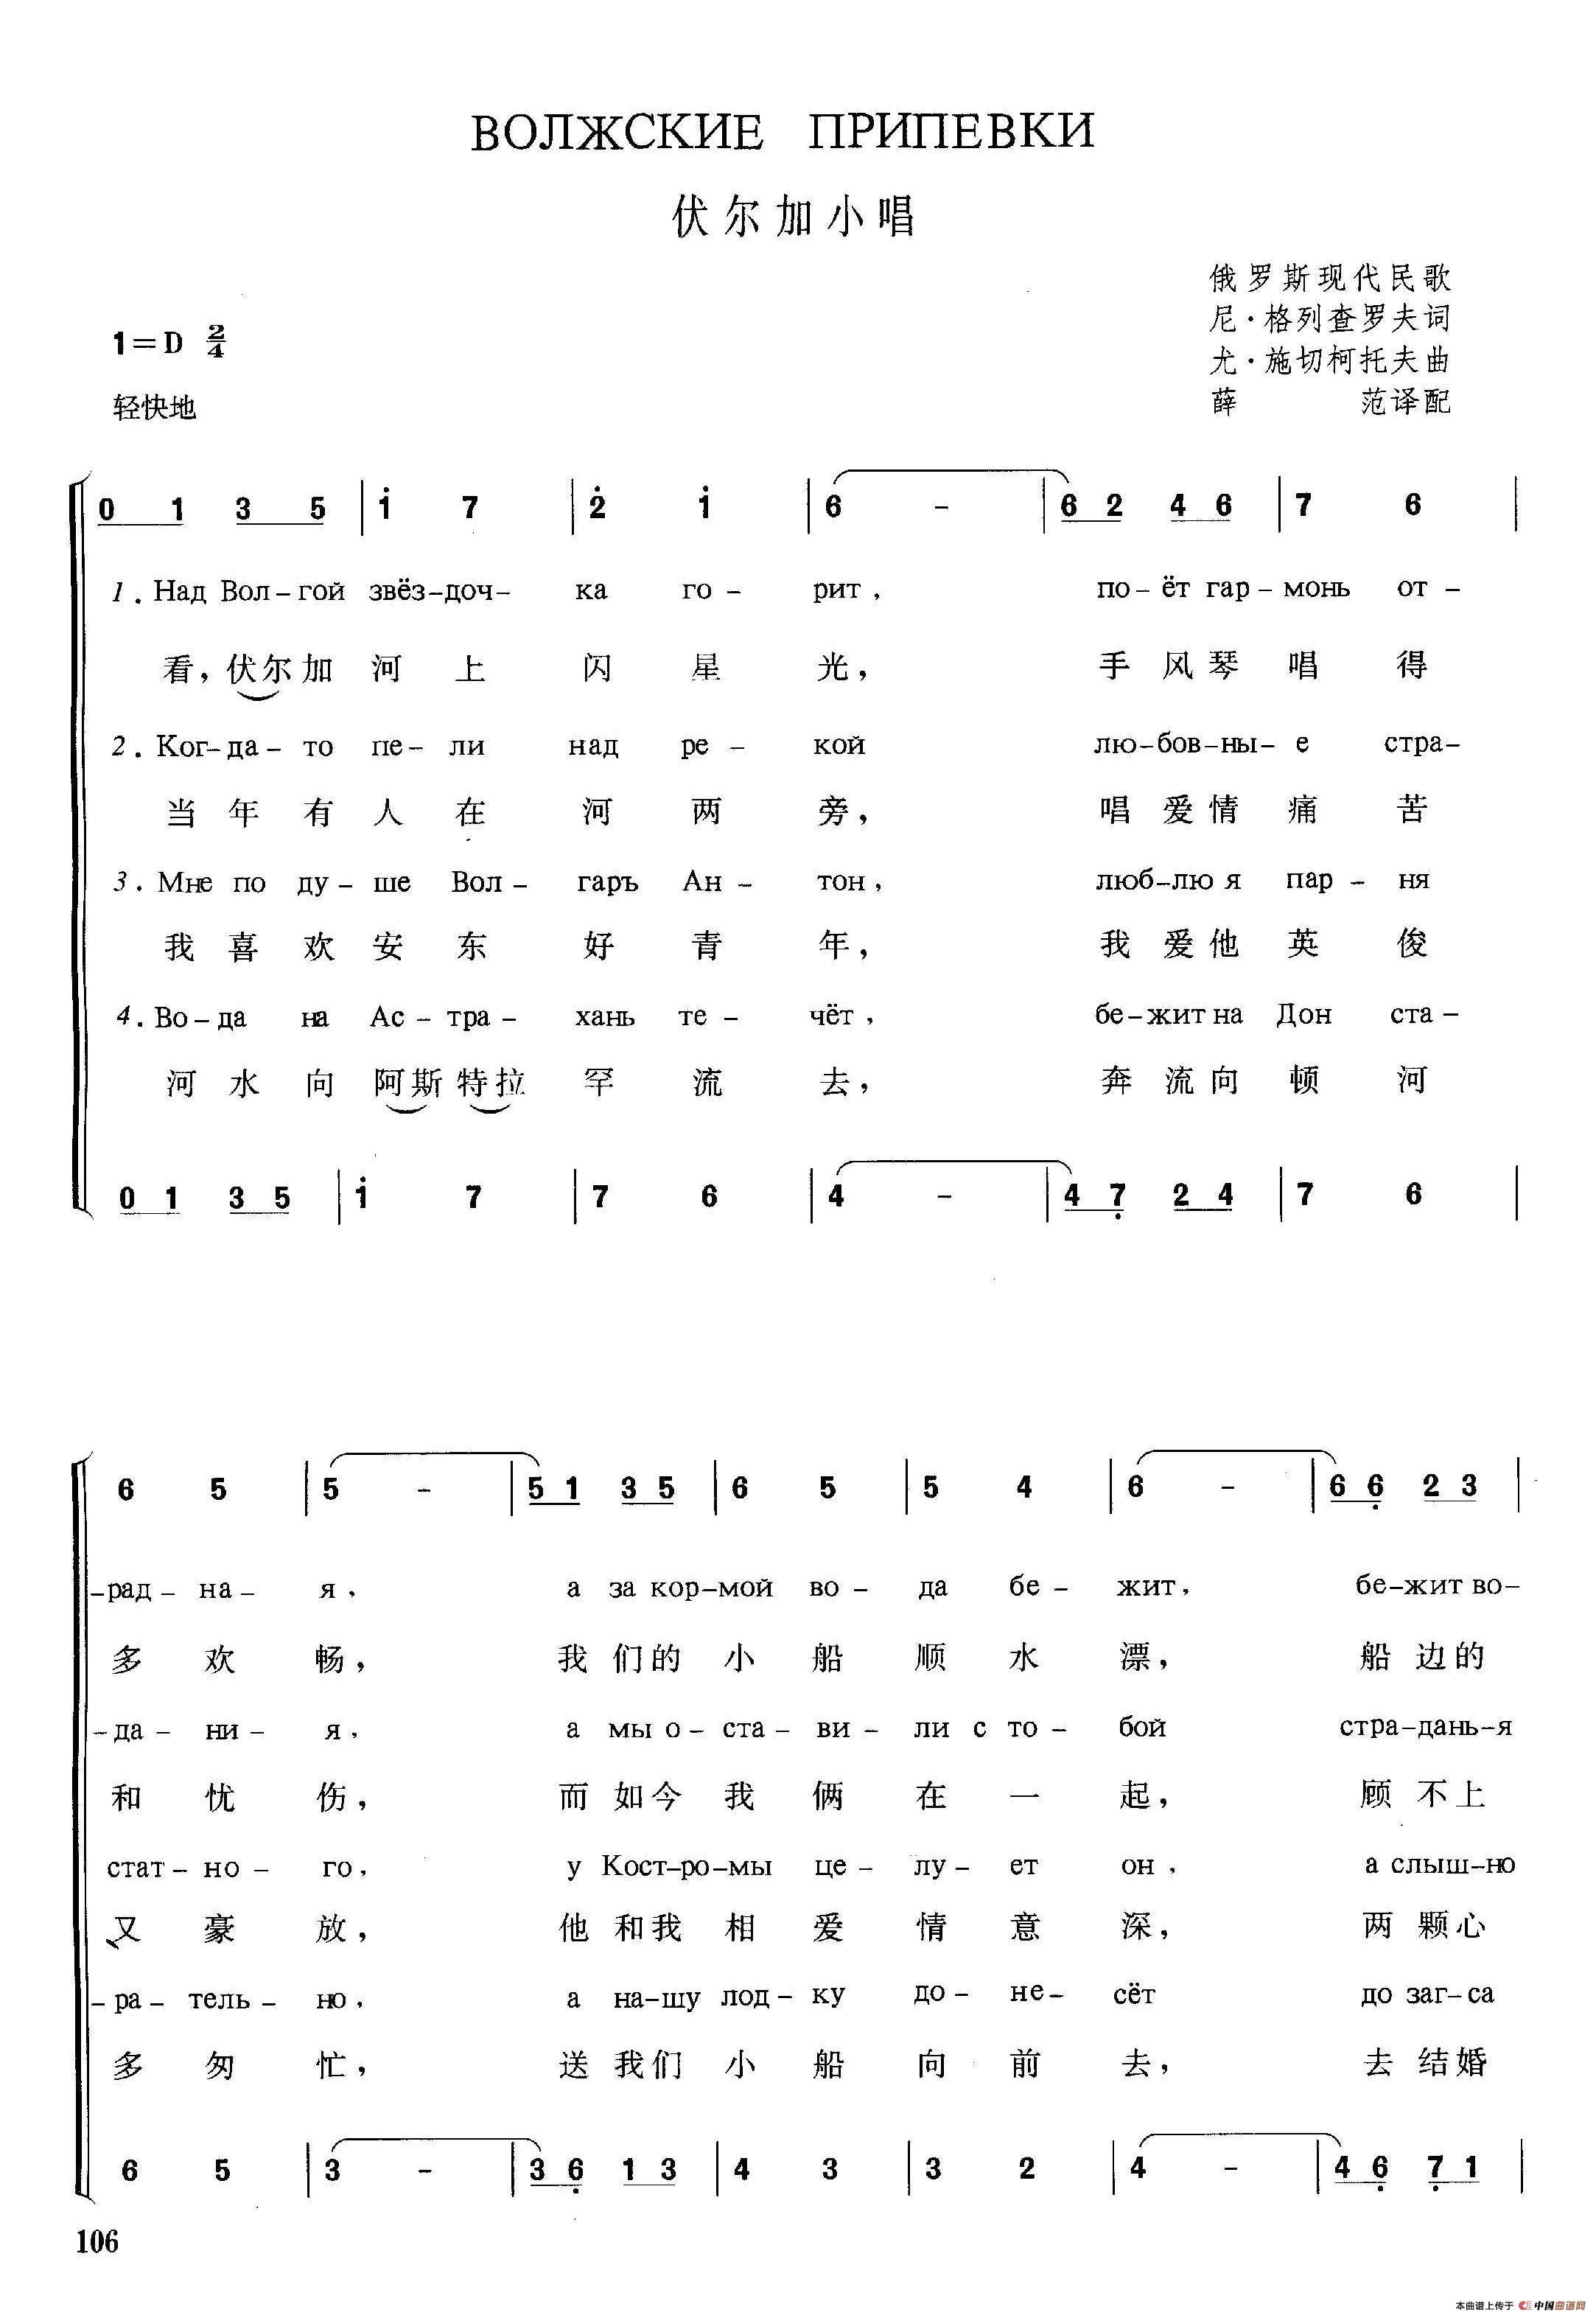 [俄]伏尔加小唱(俄罗斯现代民歌)